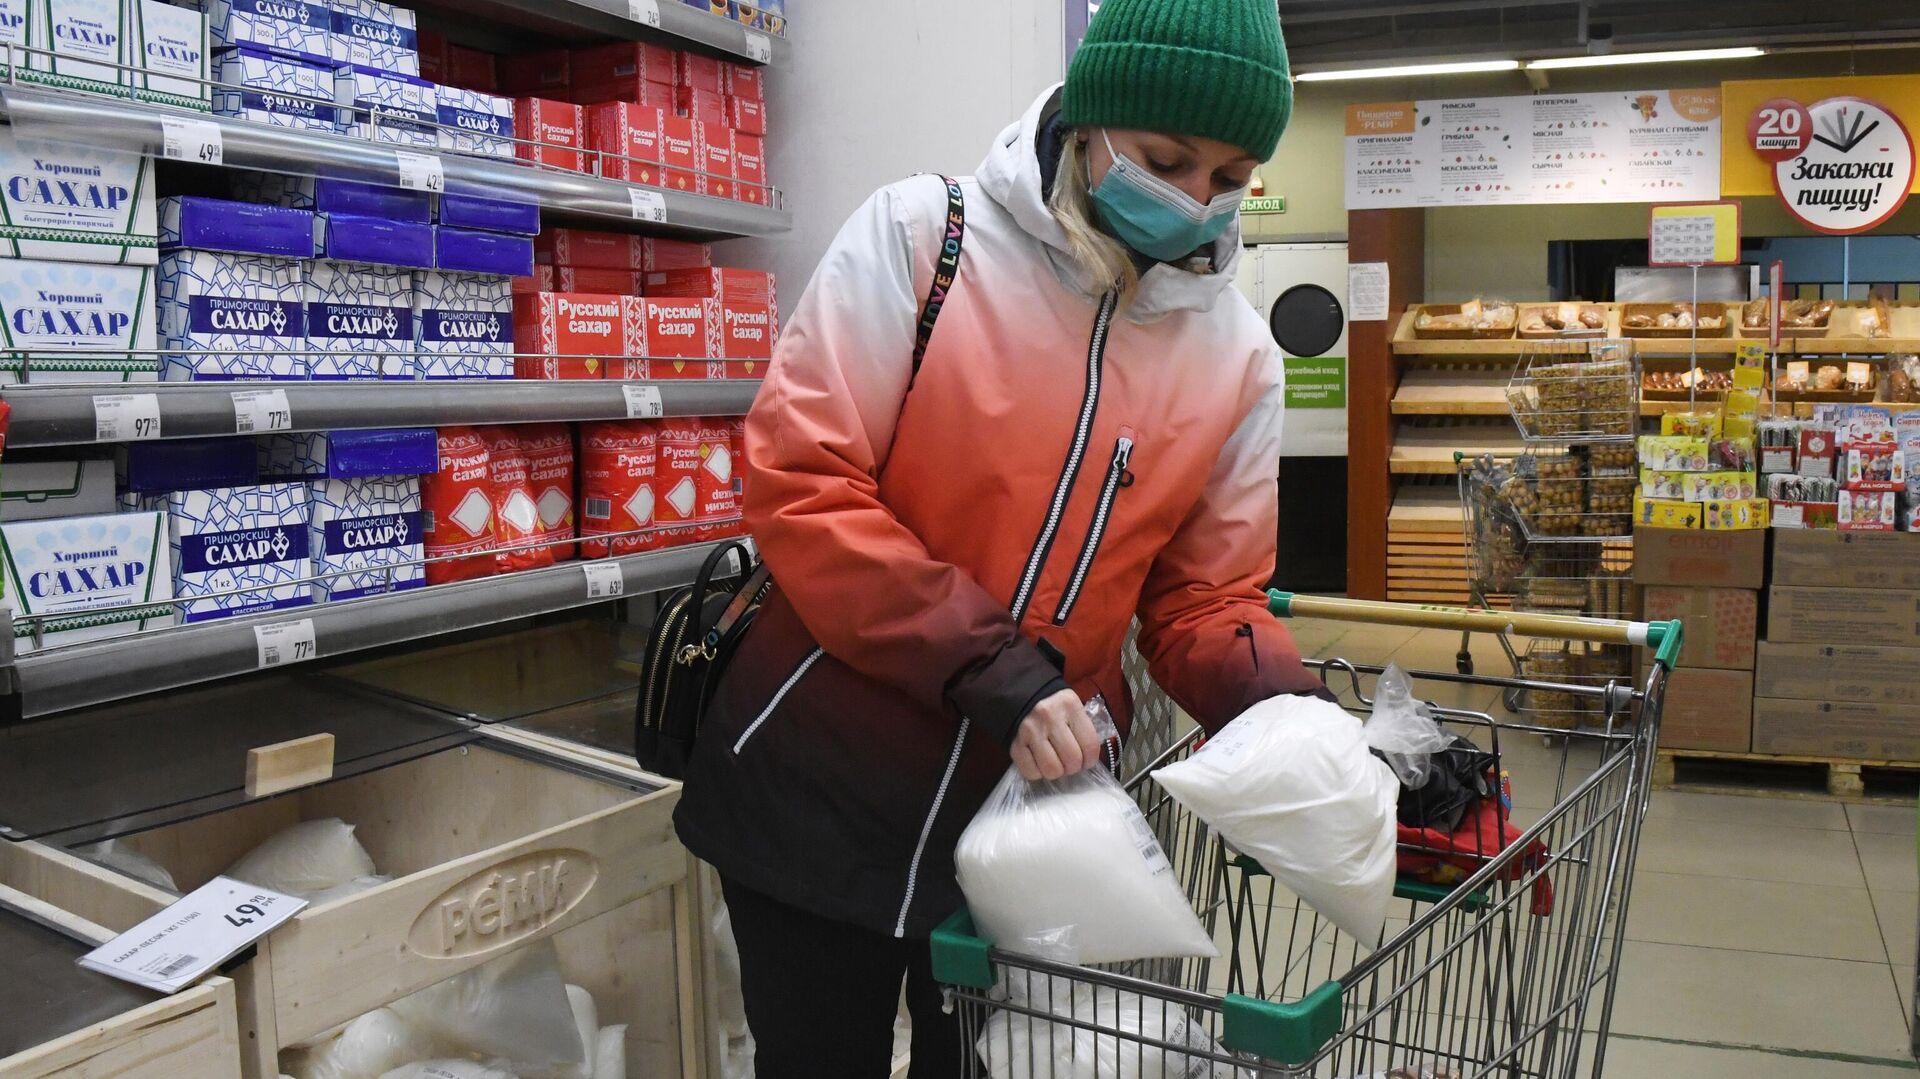 ФАС опровергла сообщения о приостановке поставок сахара в магазины